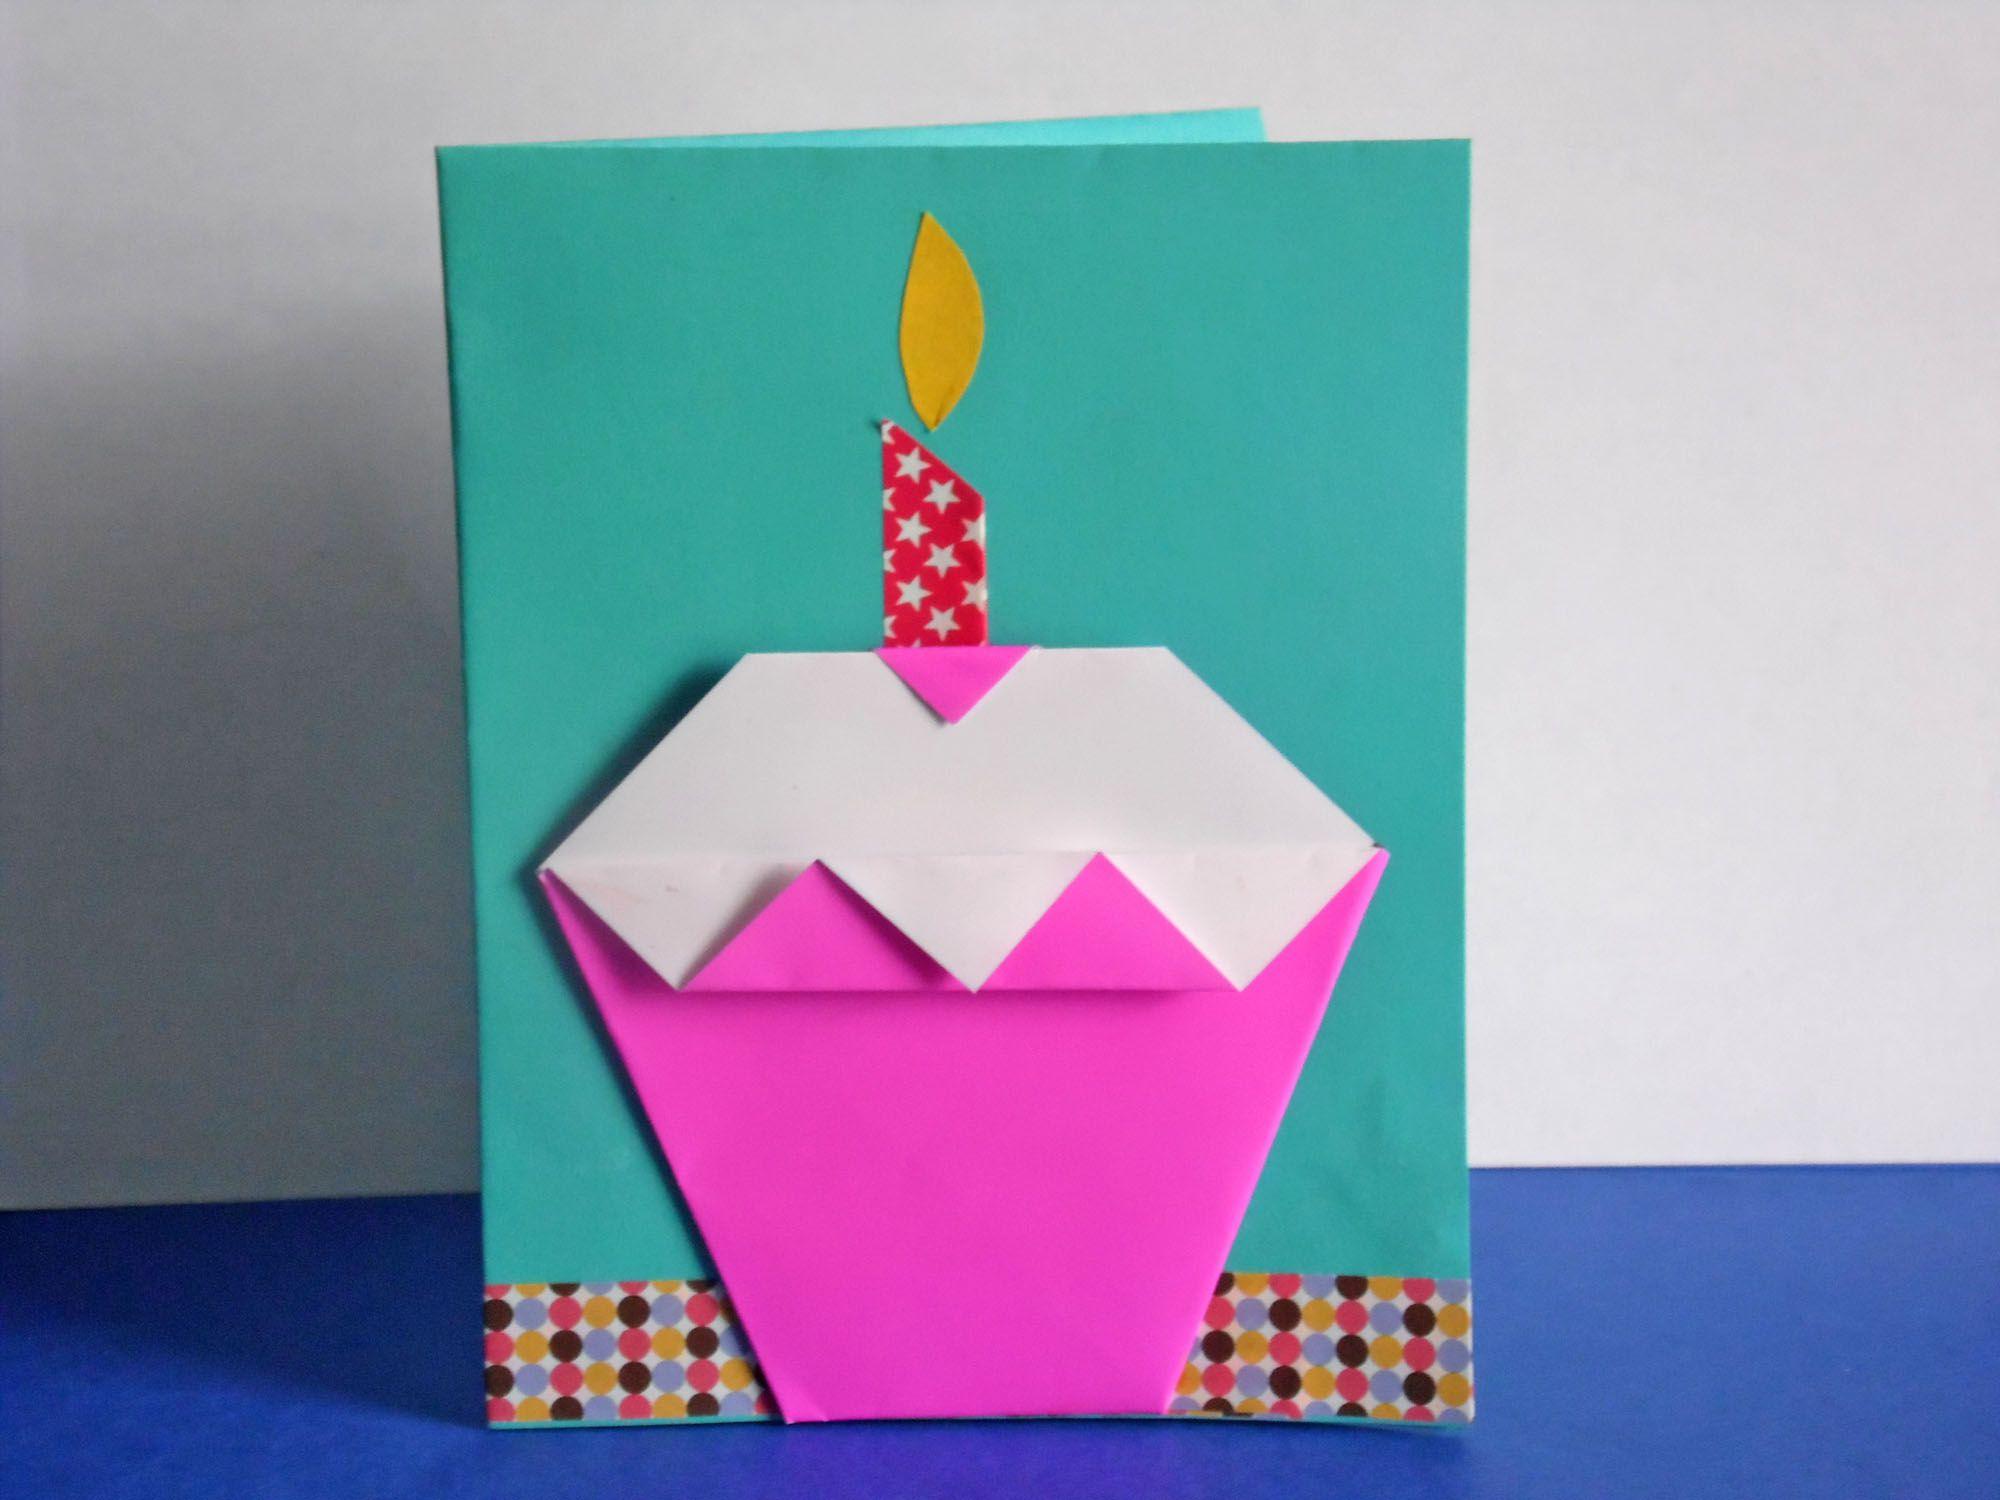 Как сделать открытку на день рождения своими руками из картона дедушке